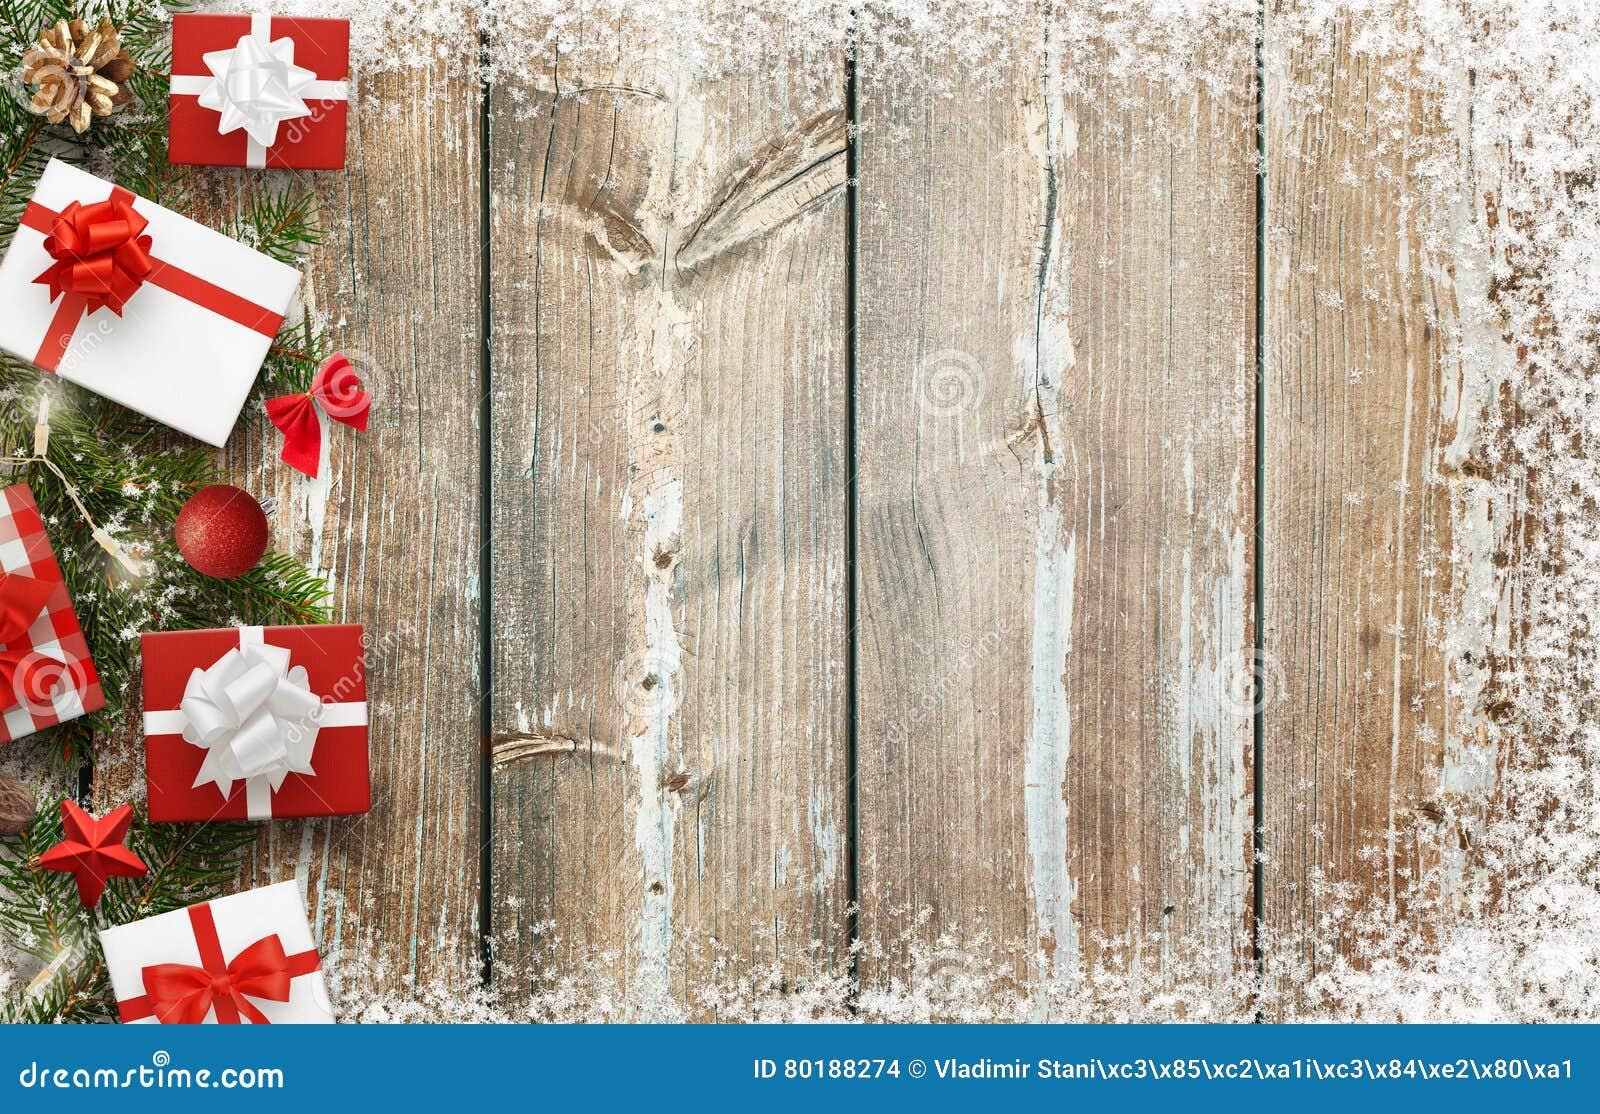 Immagine di sfondo di natale con i regali e la decorazione for Sito regali gratis